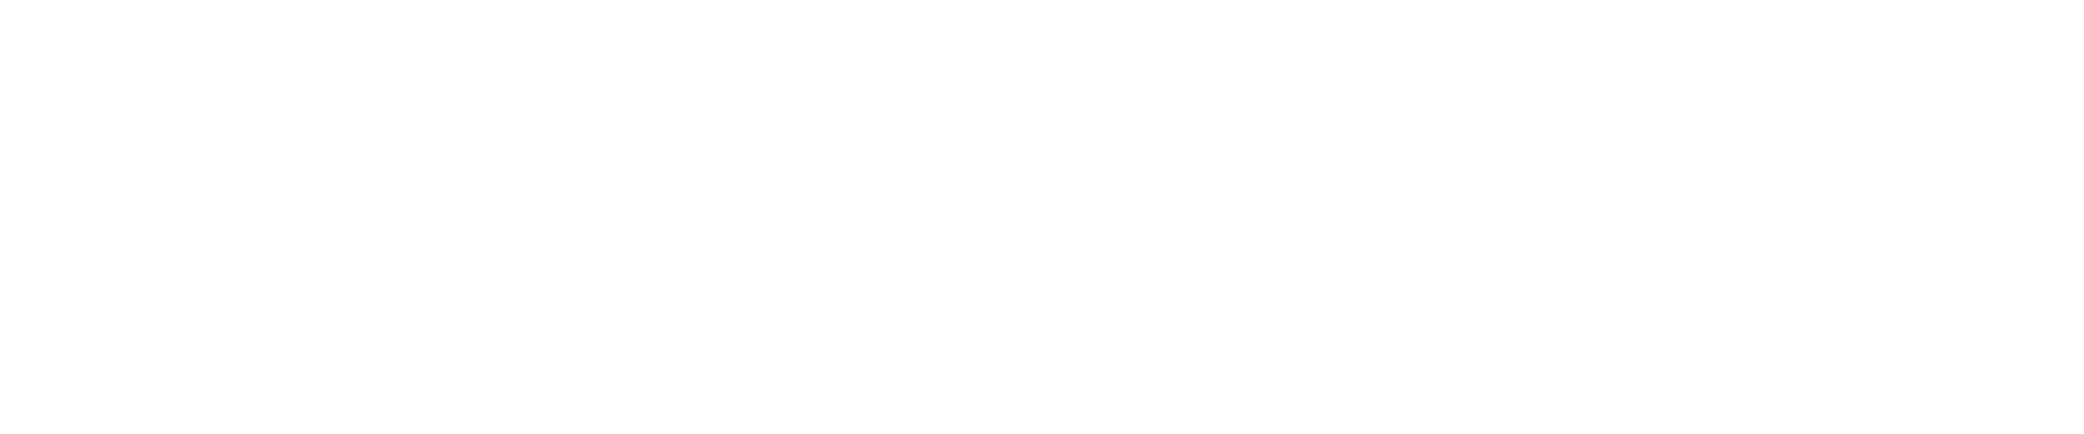 Alcadent_Logo_white